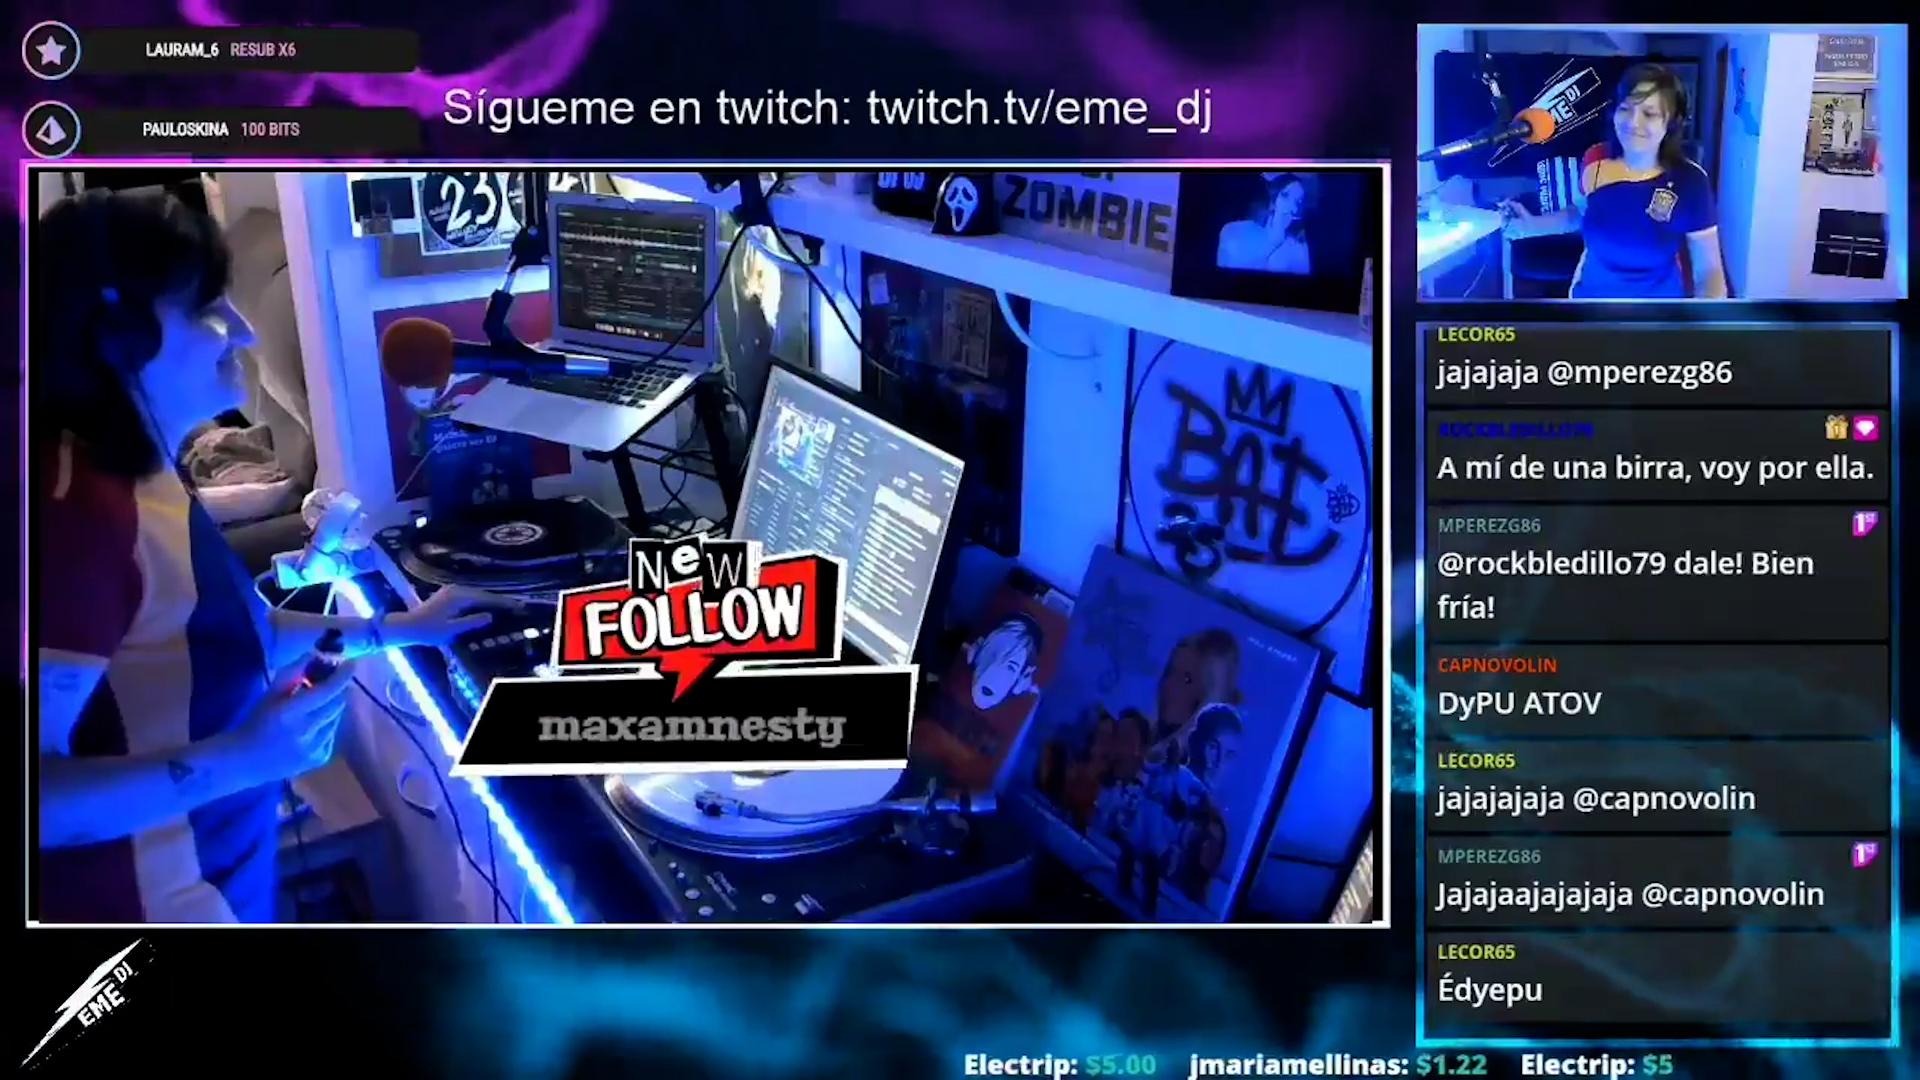 Eme Dj (Marta Fierro) durante una de sus sesiones musicales en Twitch